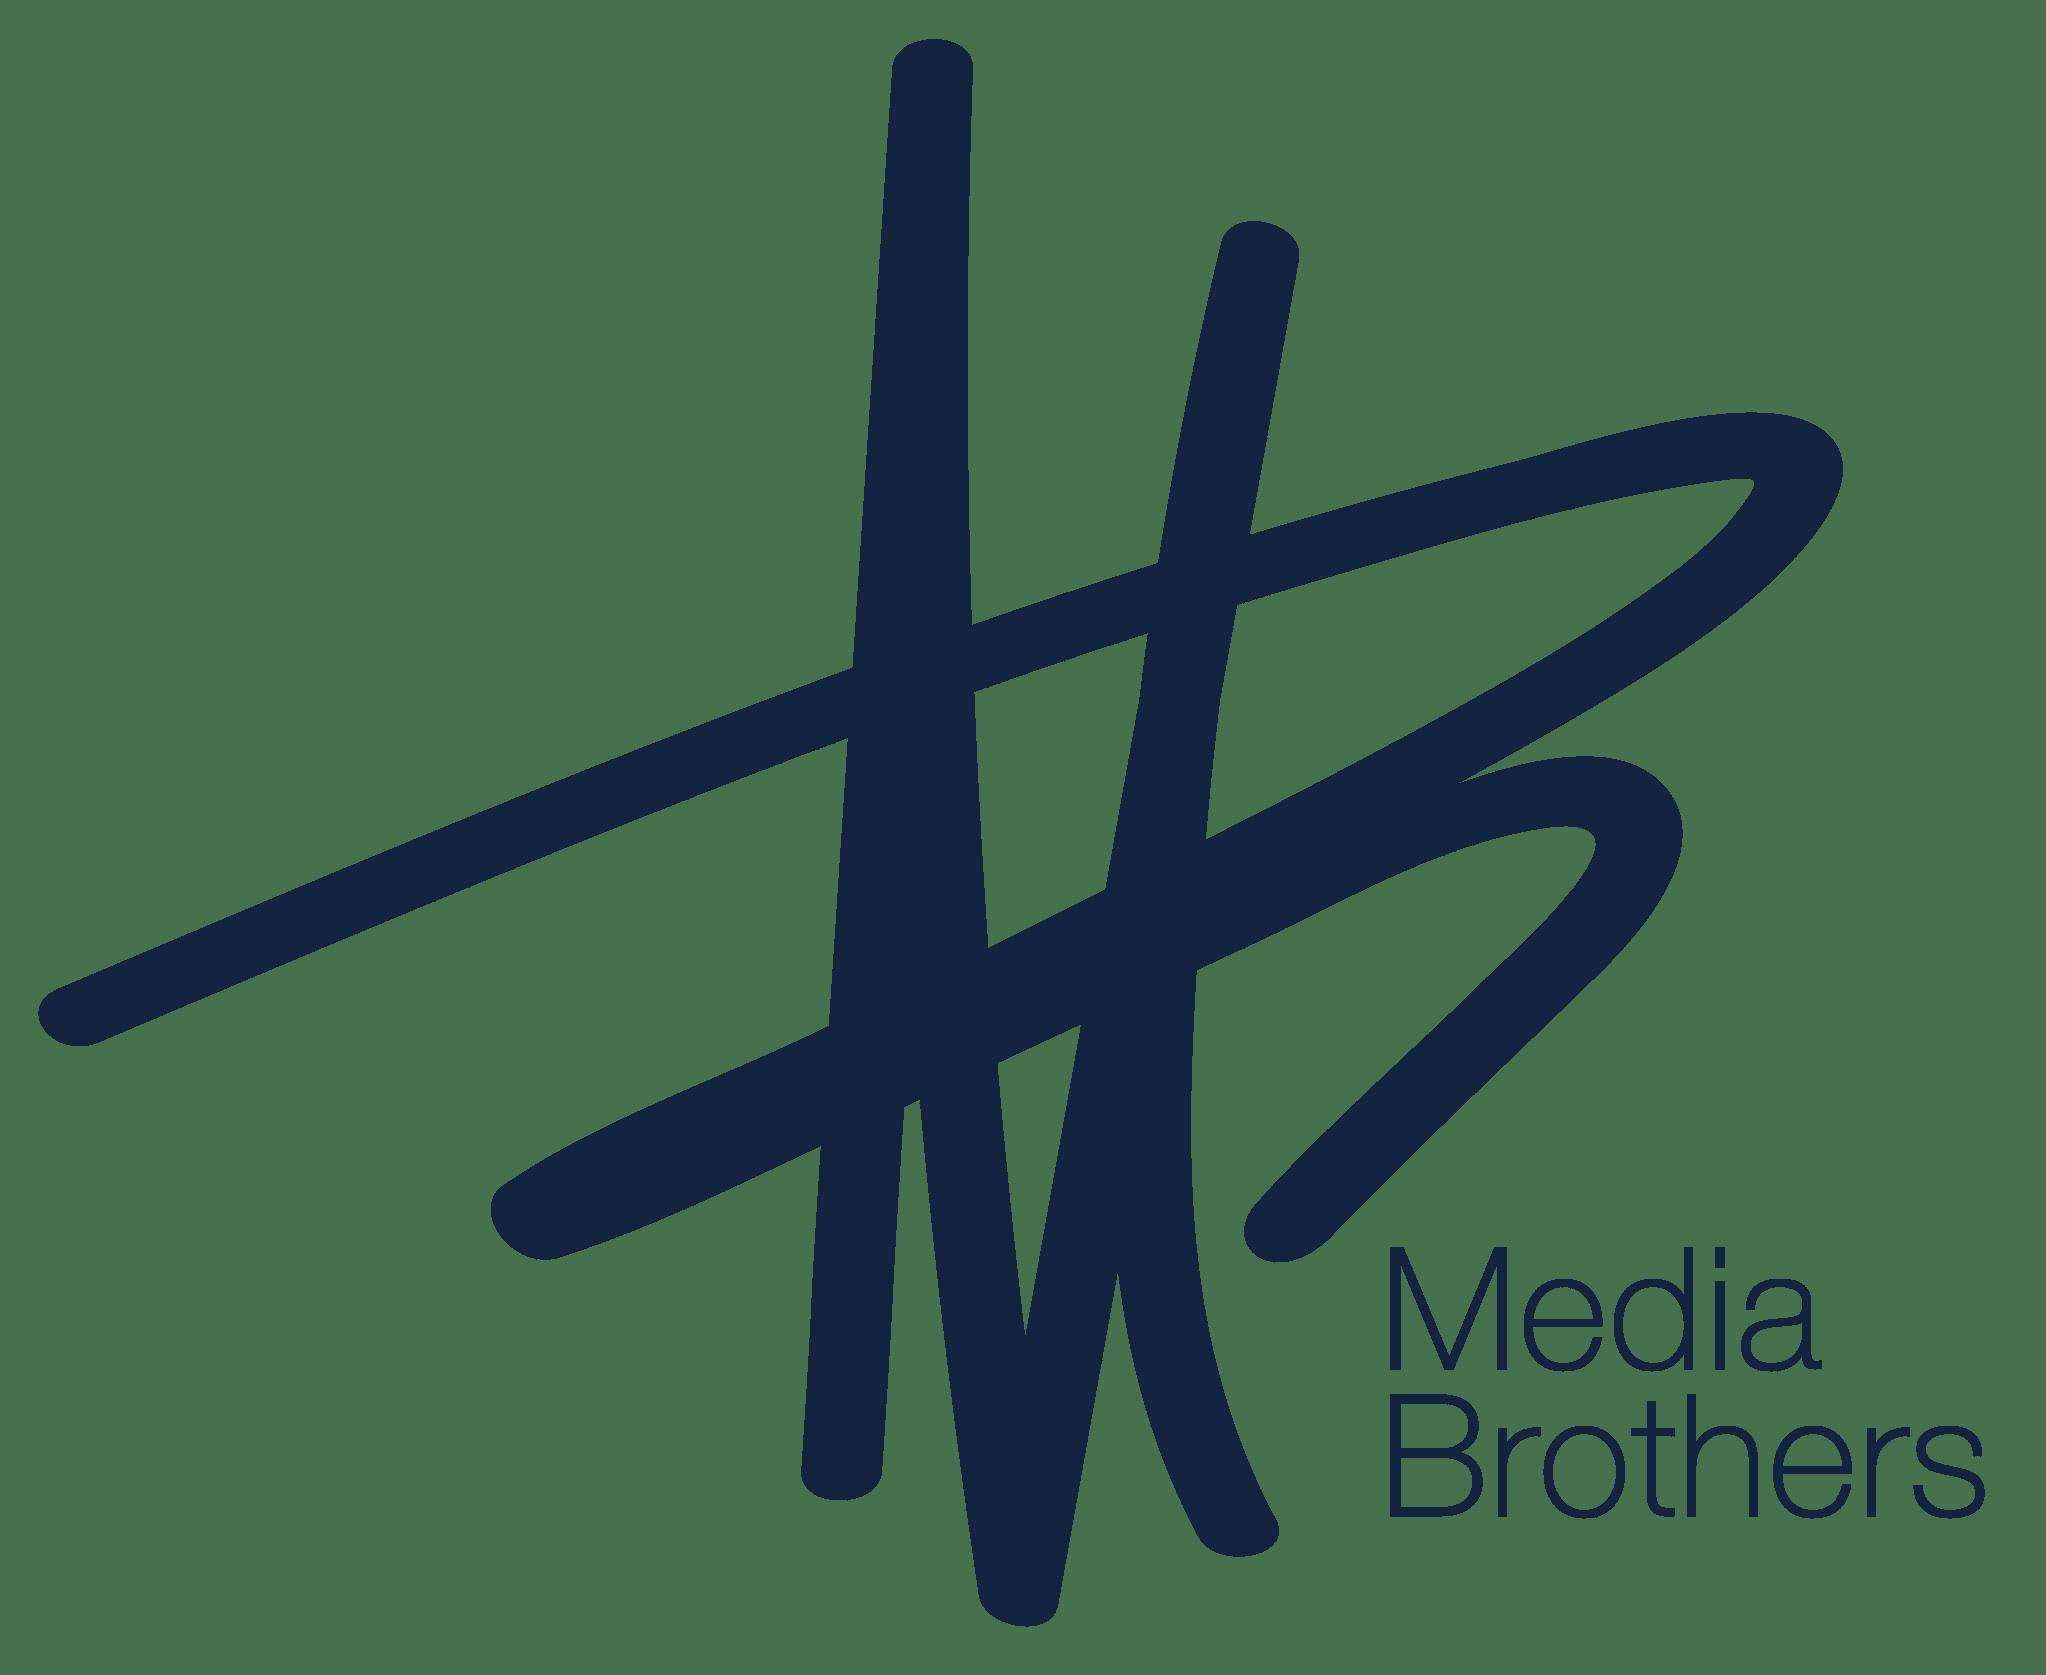 Logo Media Brothers dunkelblau